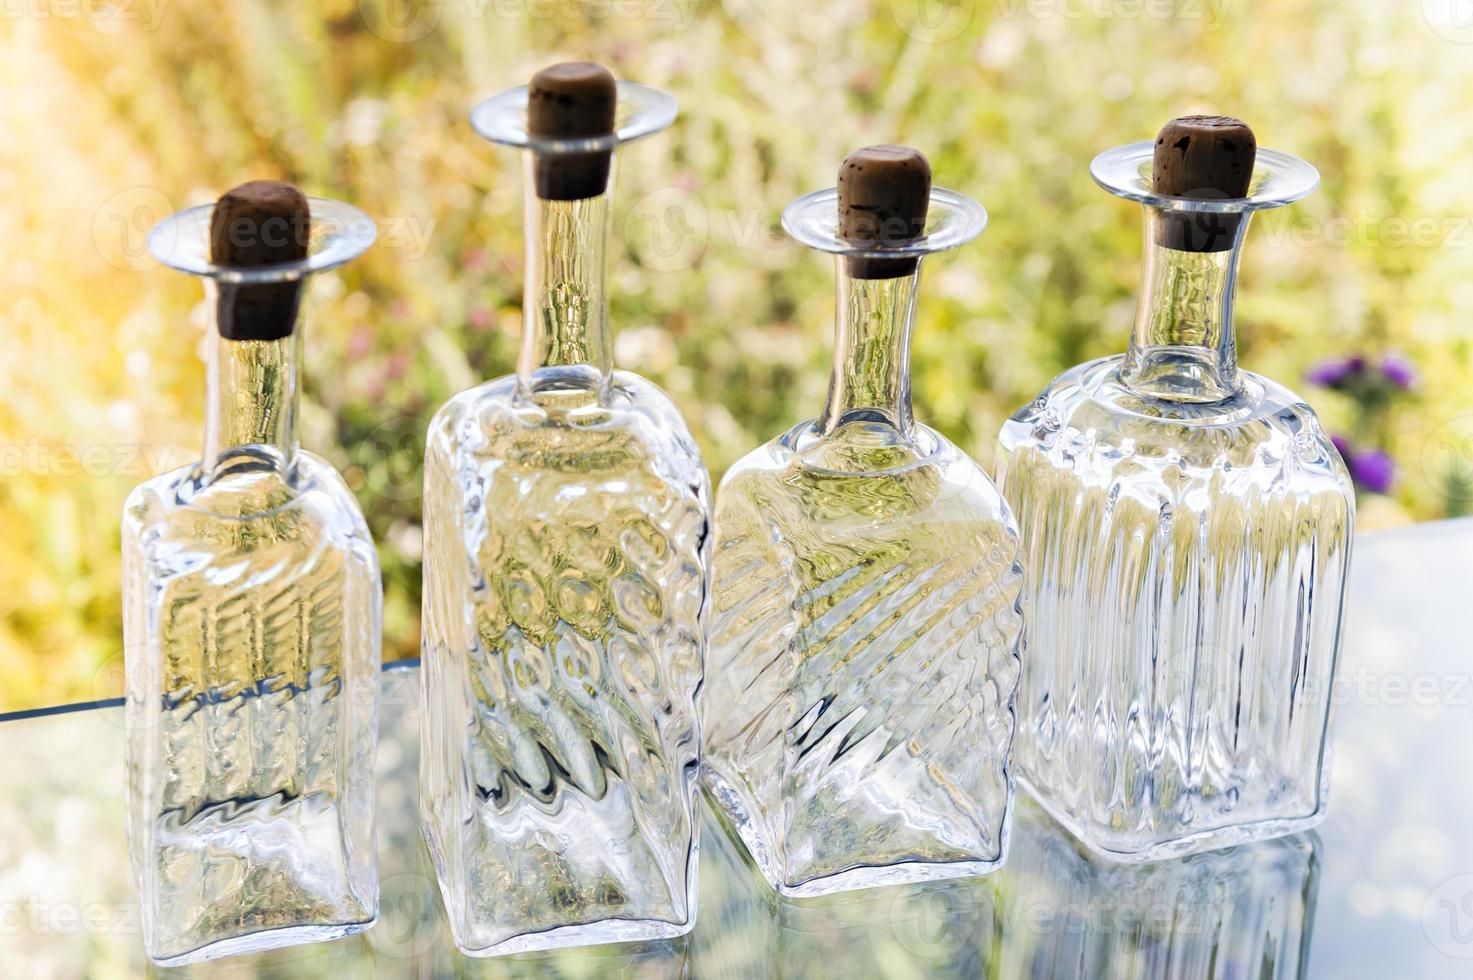 quatro garrafas com vidro transparente chique em fundo floral. foto